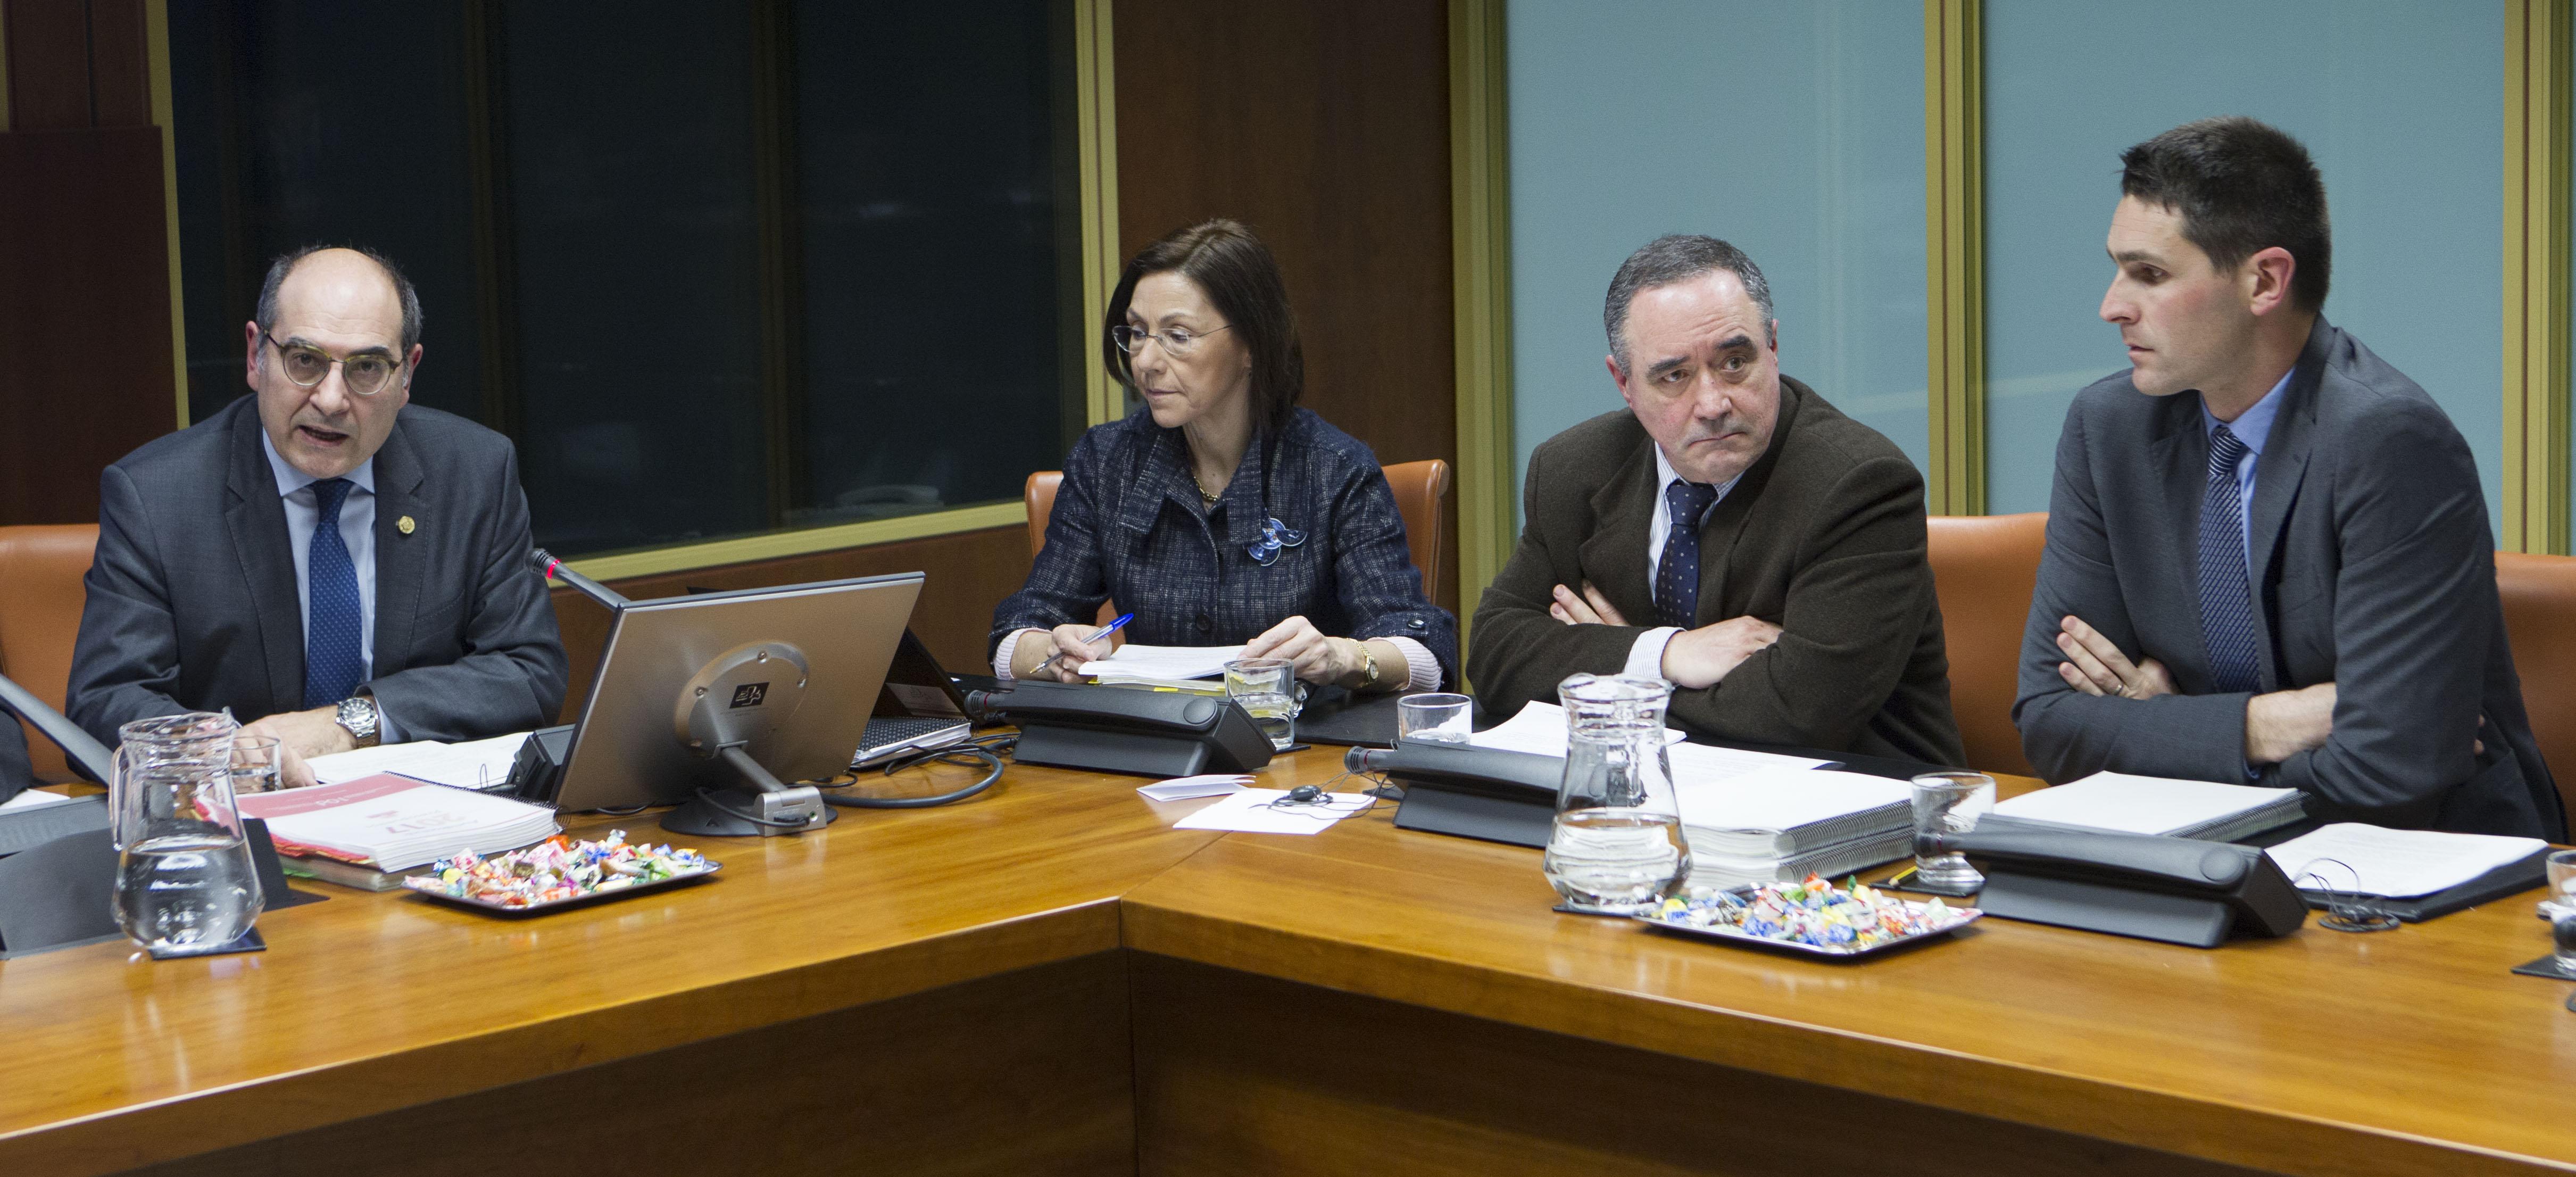 Irekia eusko jaurlaritza gobierno vasco departamento - Departamento de interior del gobierno vasco ...